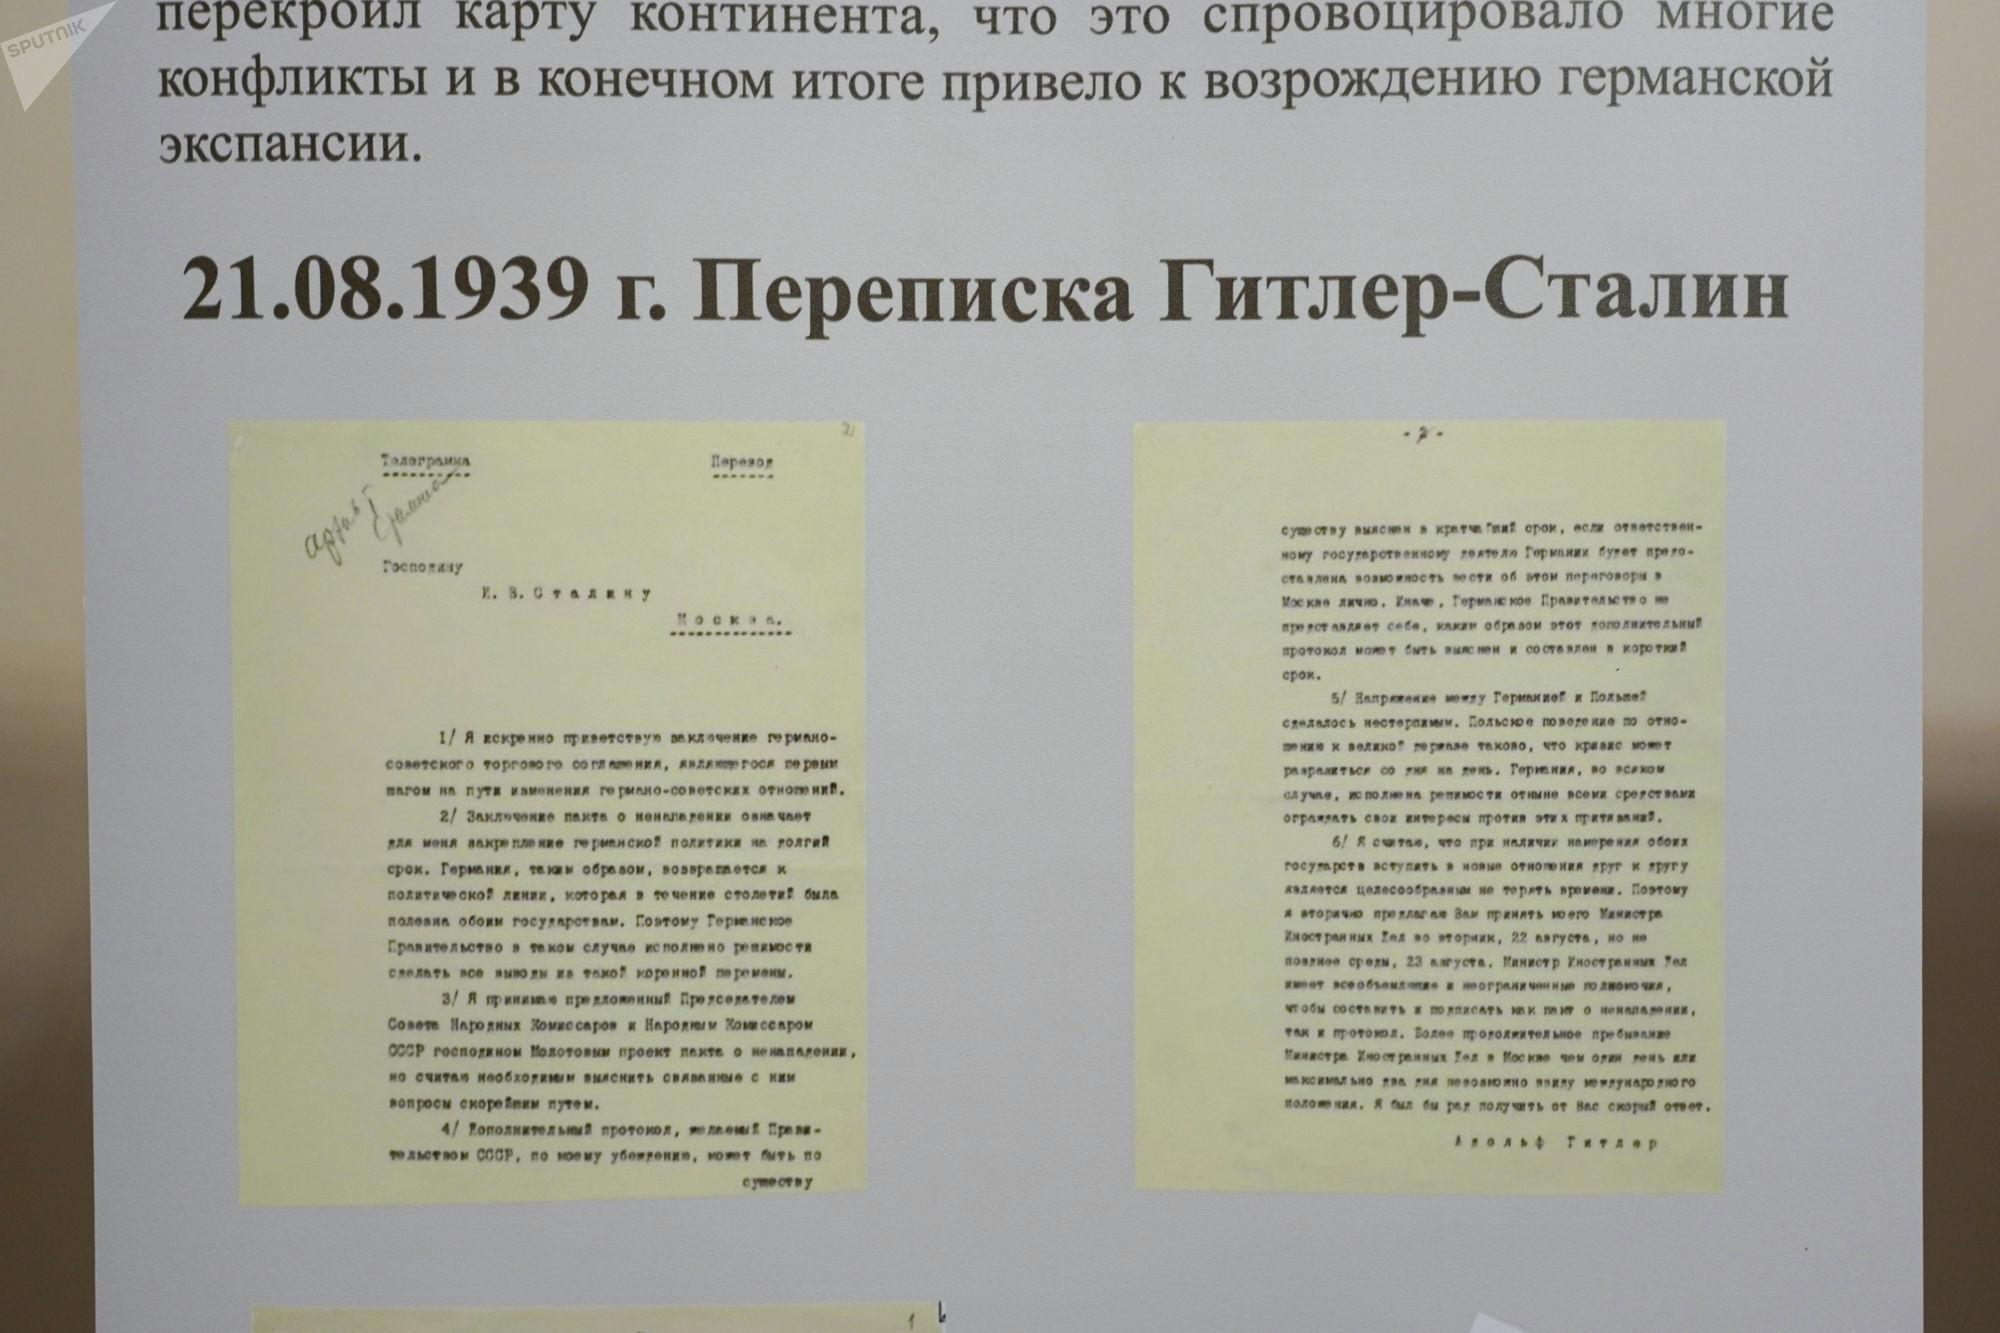 Переписка Гитлер-Сталин о германо-советских торговых отношениях